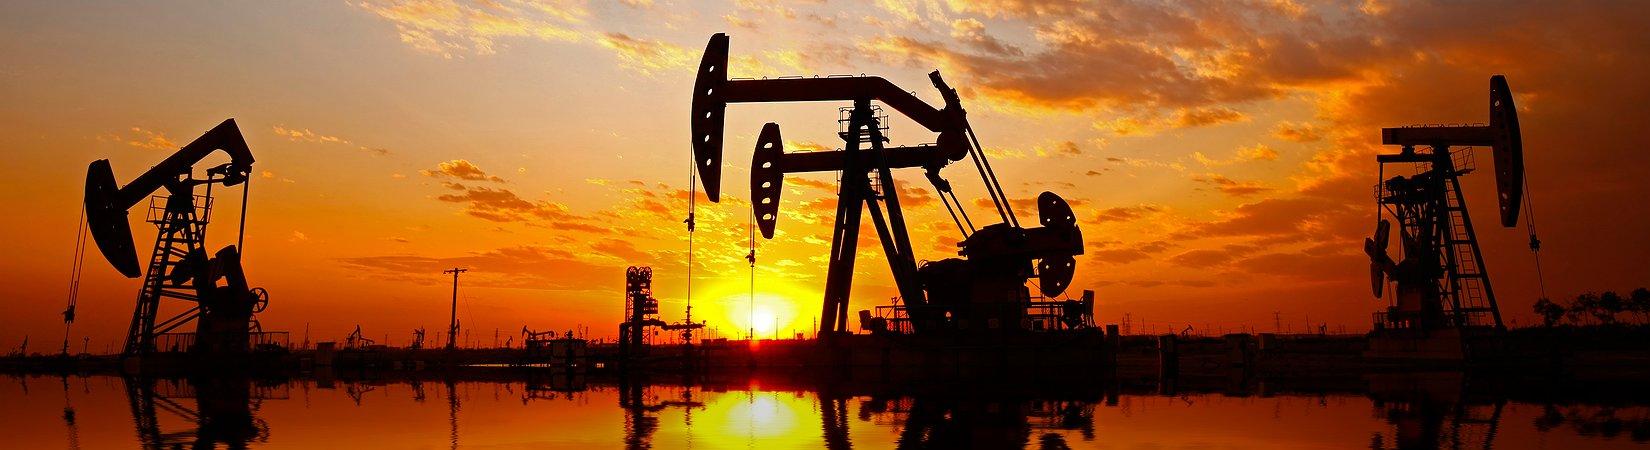 El barril de Brent cae a su precio más bajo en los últimos meses